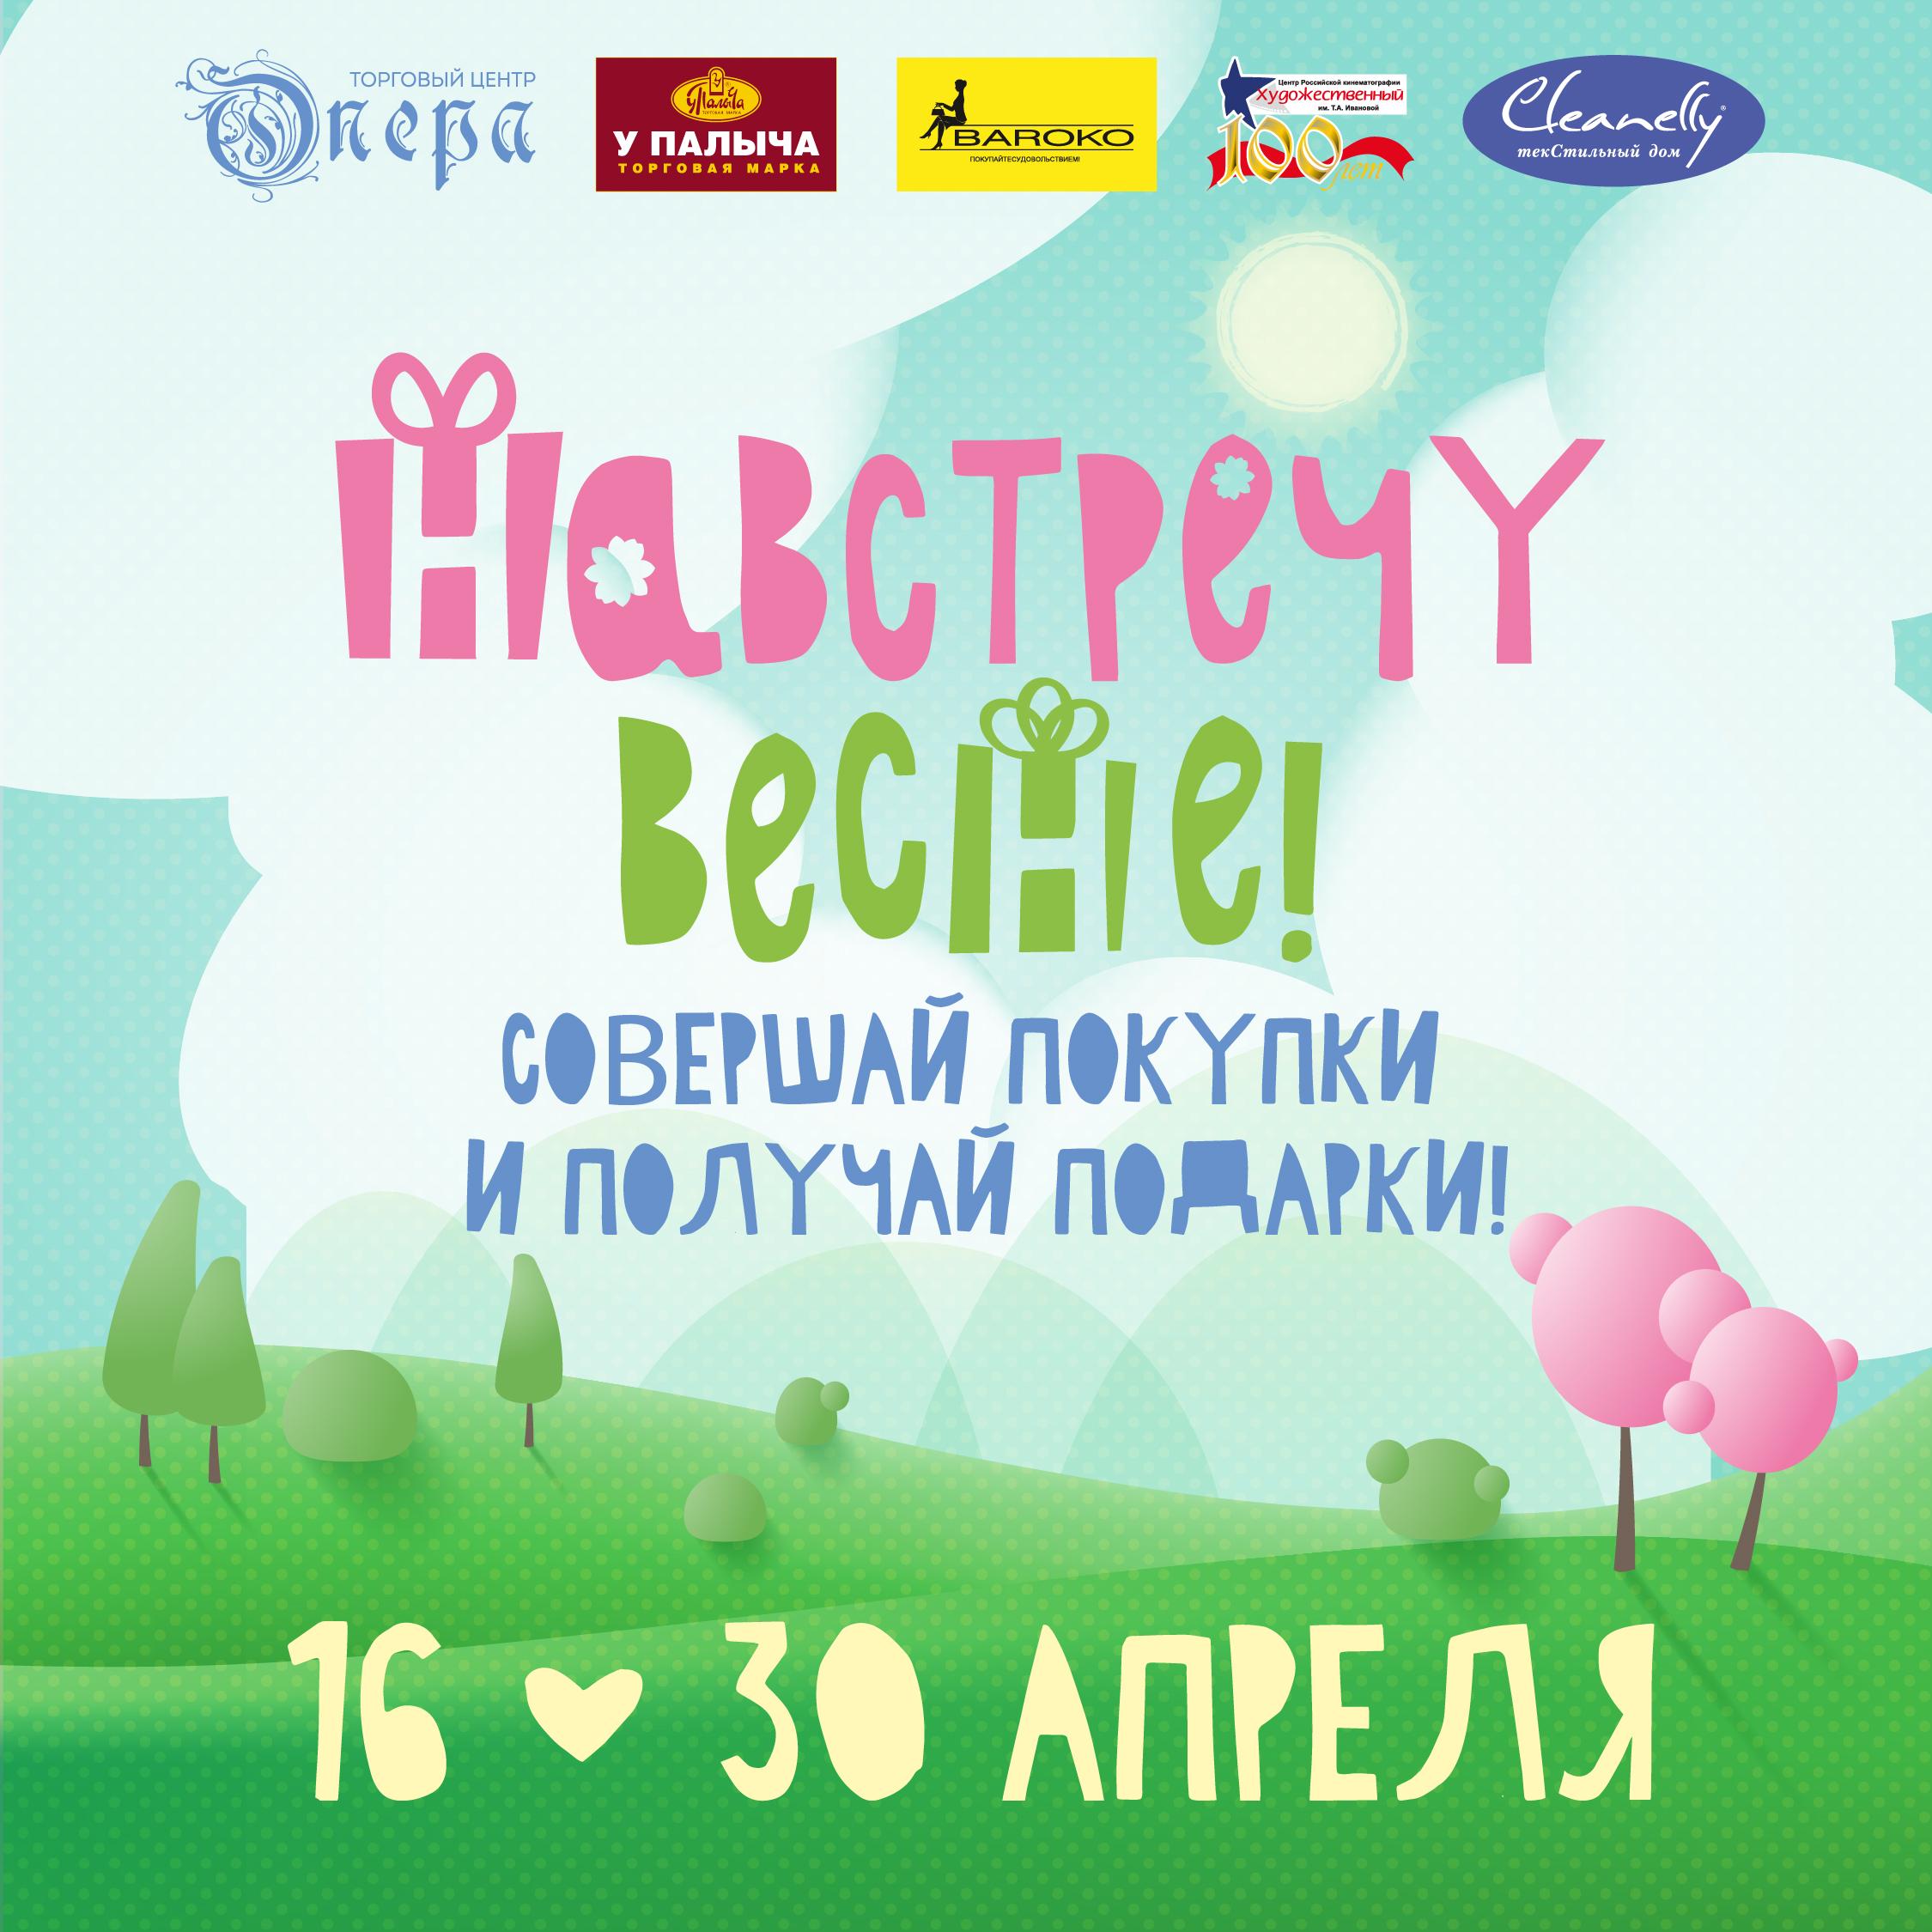 Встречай весну вместе с торговым центром ОПЕРА!